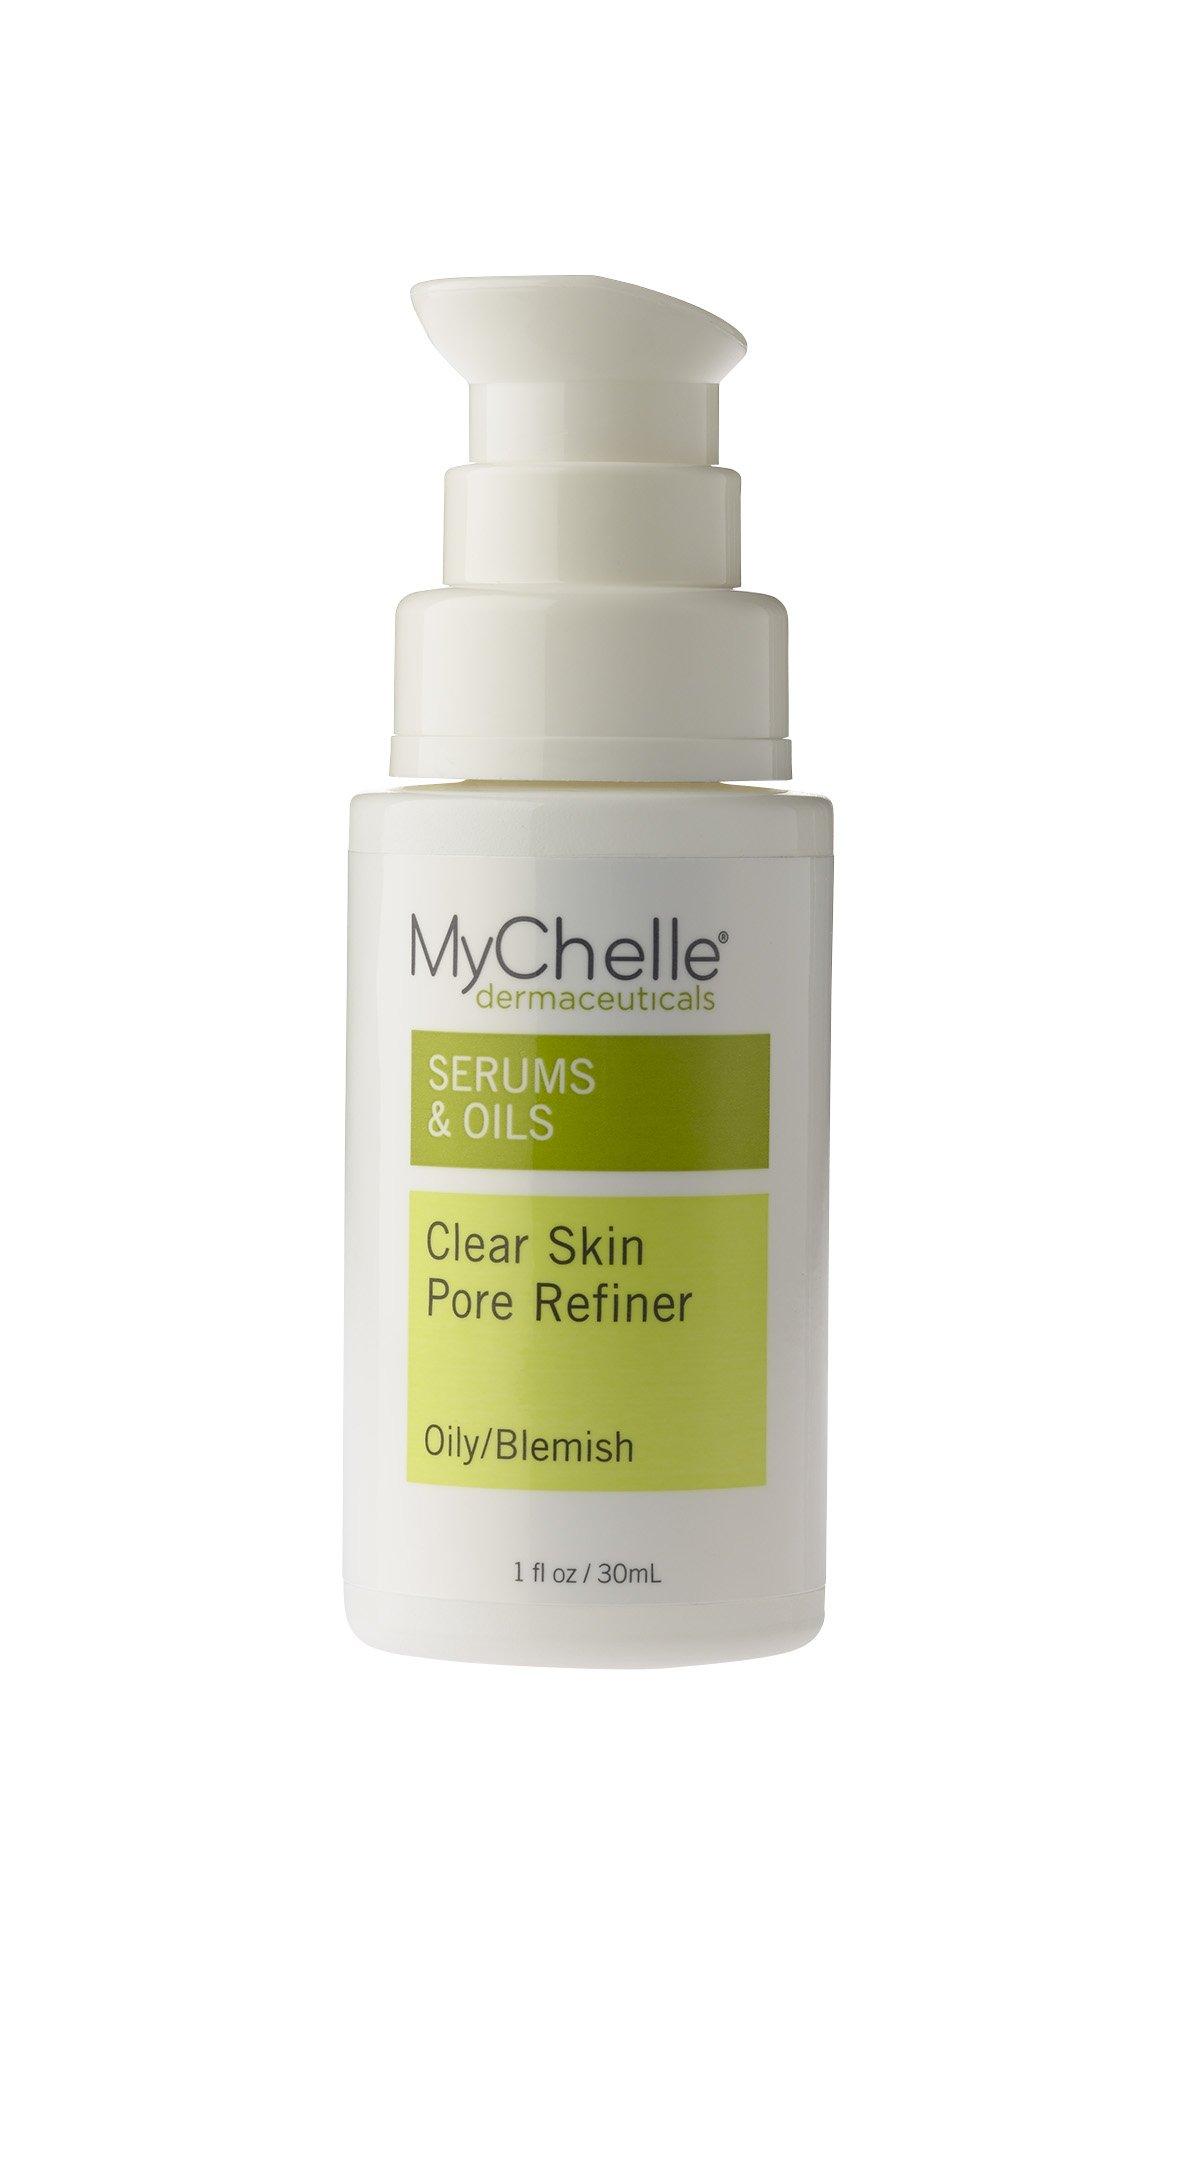 MyChelle Dermaceuticals Clear Skin Serum - Pore-refining Serum for oily & blemish-prone skin, Smooth & Matte Finish Skin, cruelty-free, 1.0 Fl Oz